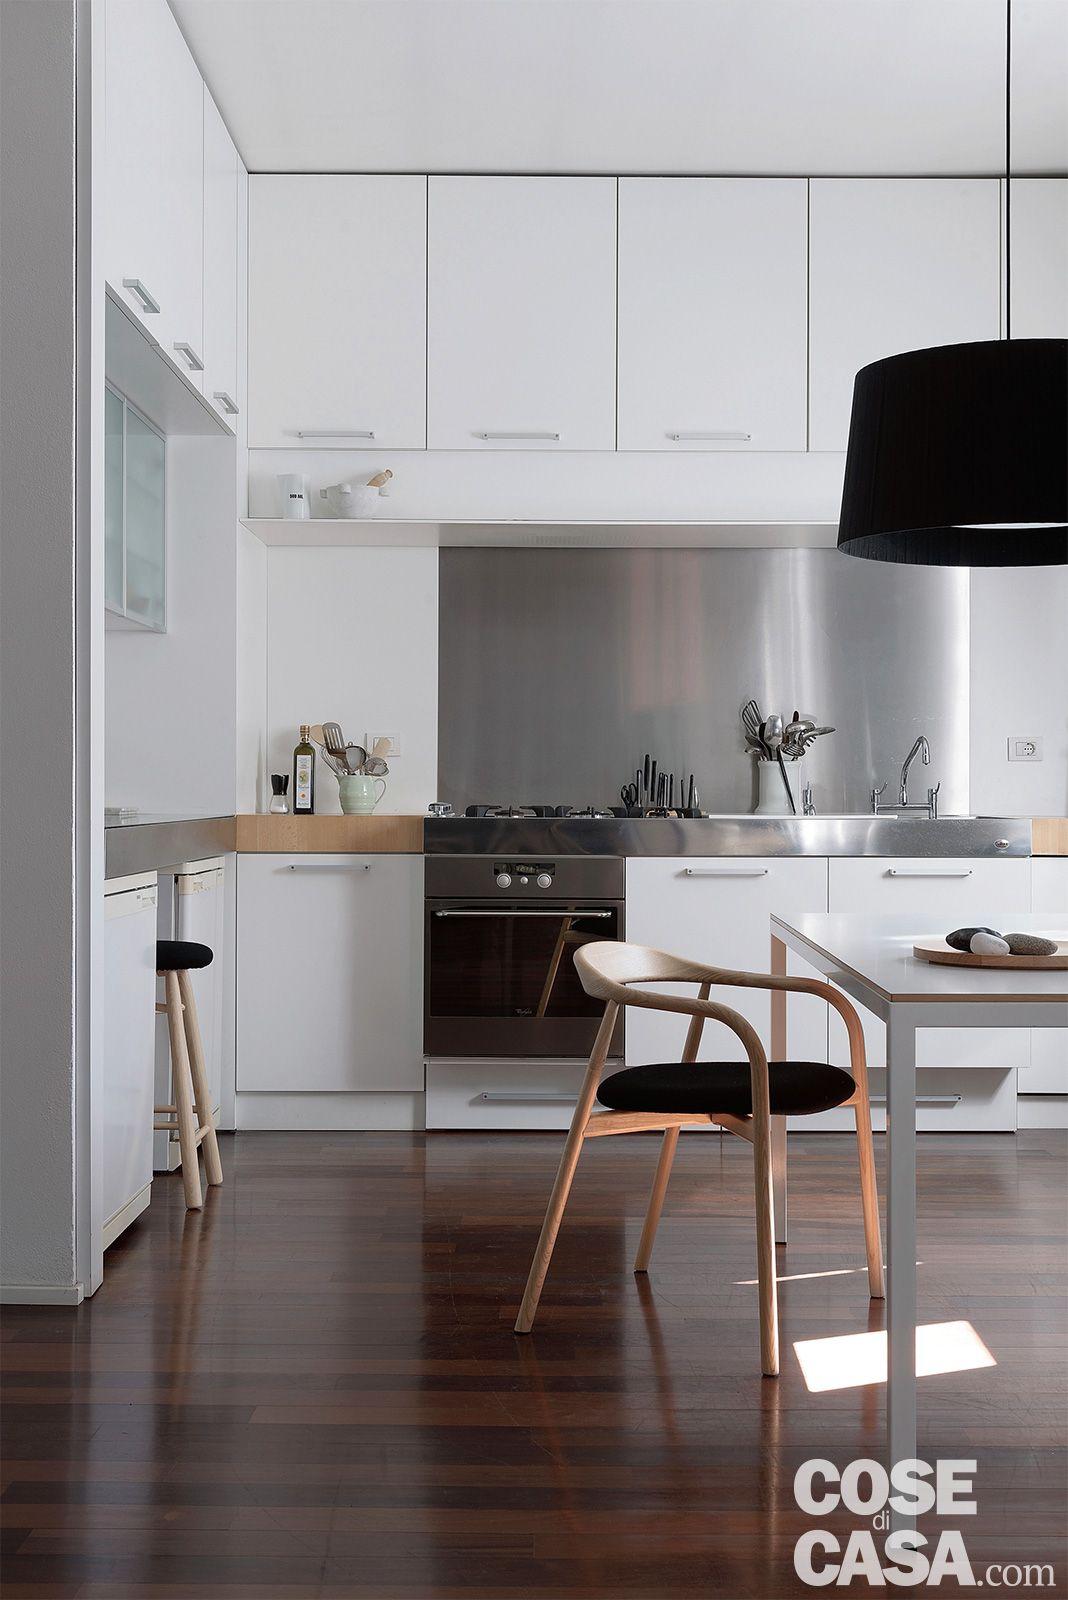 Una casa con soluzioni da copiare factory urbano con mini for Arredamento idee da copiare